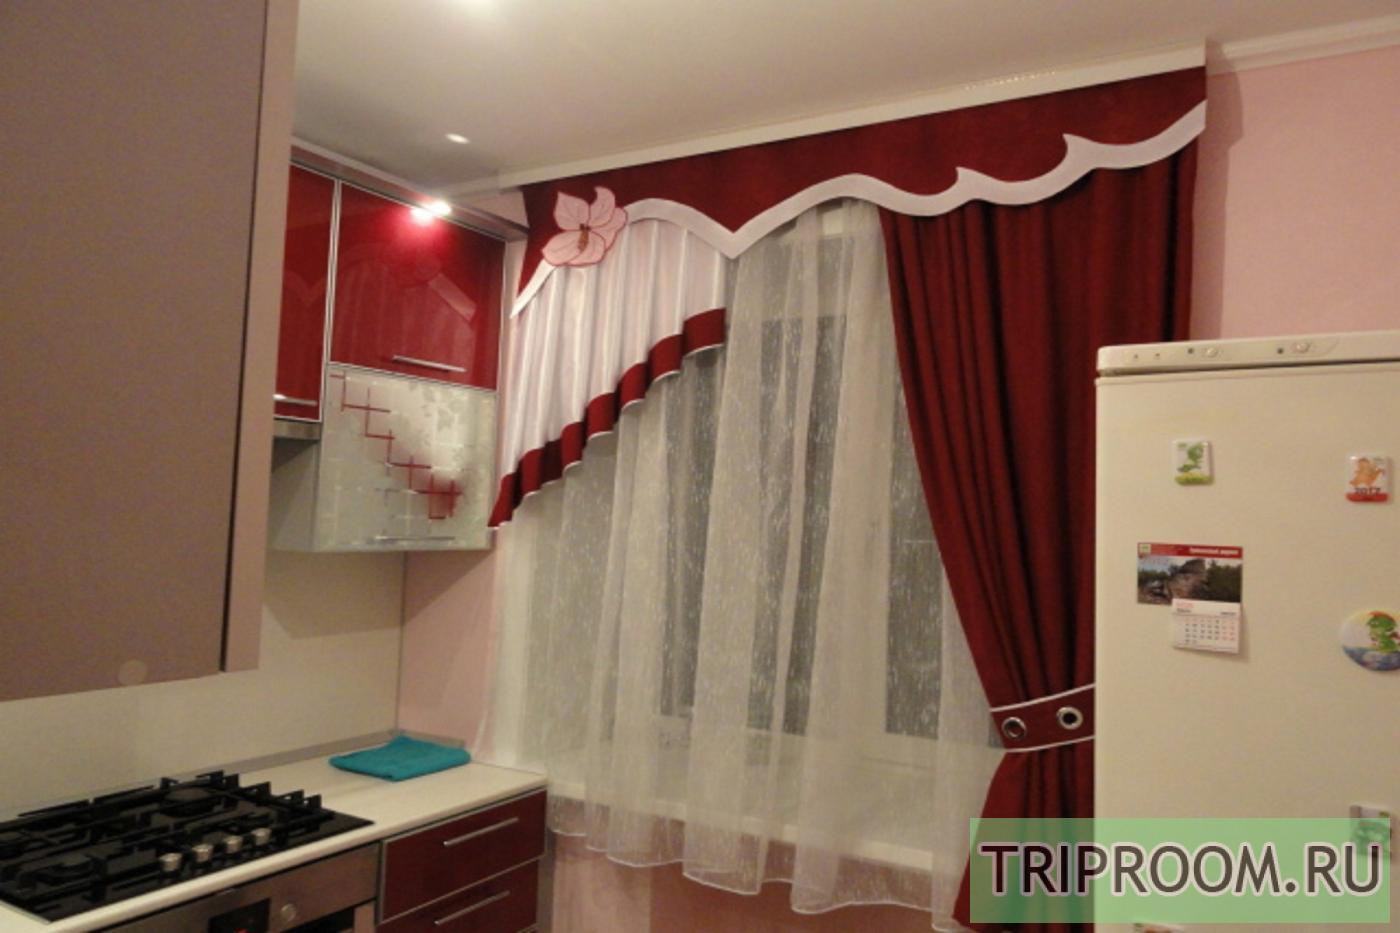 1-комнатная квартира посуточно (вариант № 9373), ул. Пушкина улица, фото № 2